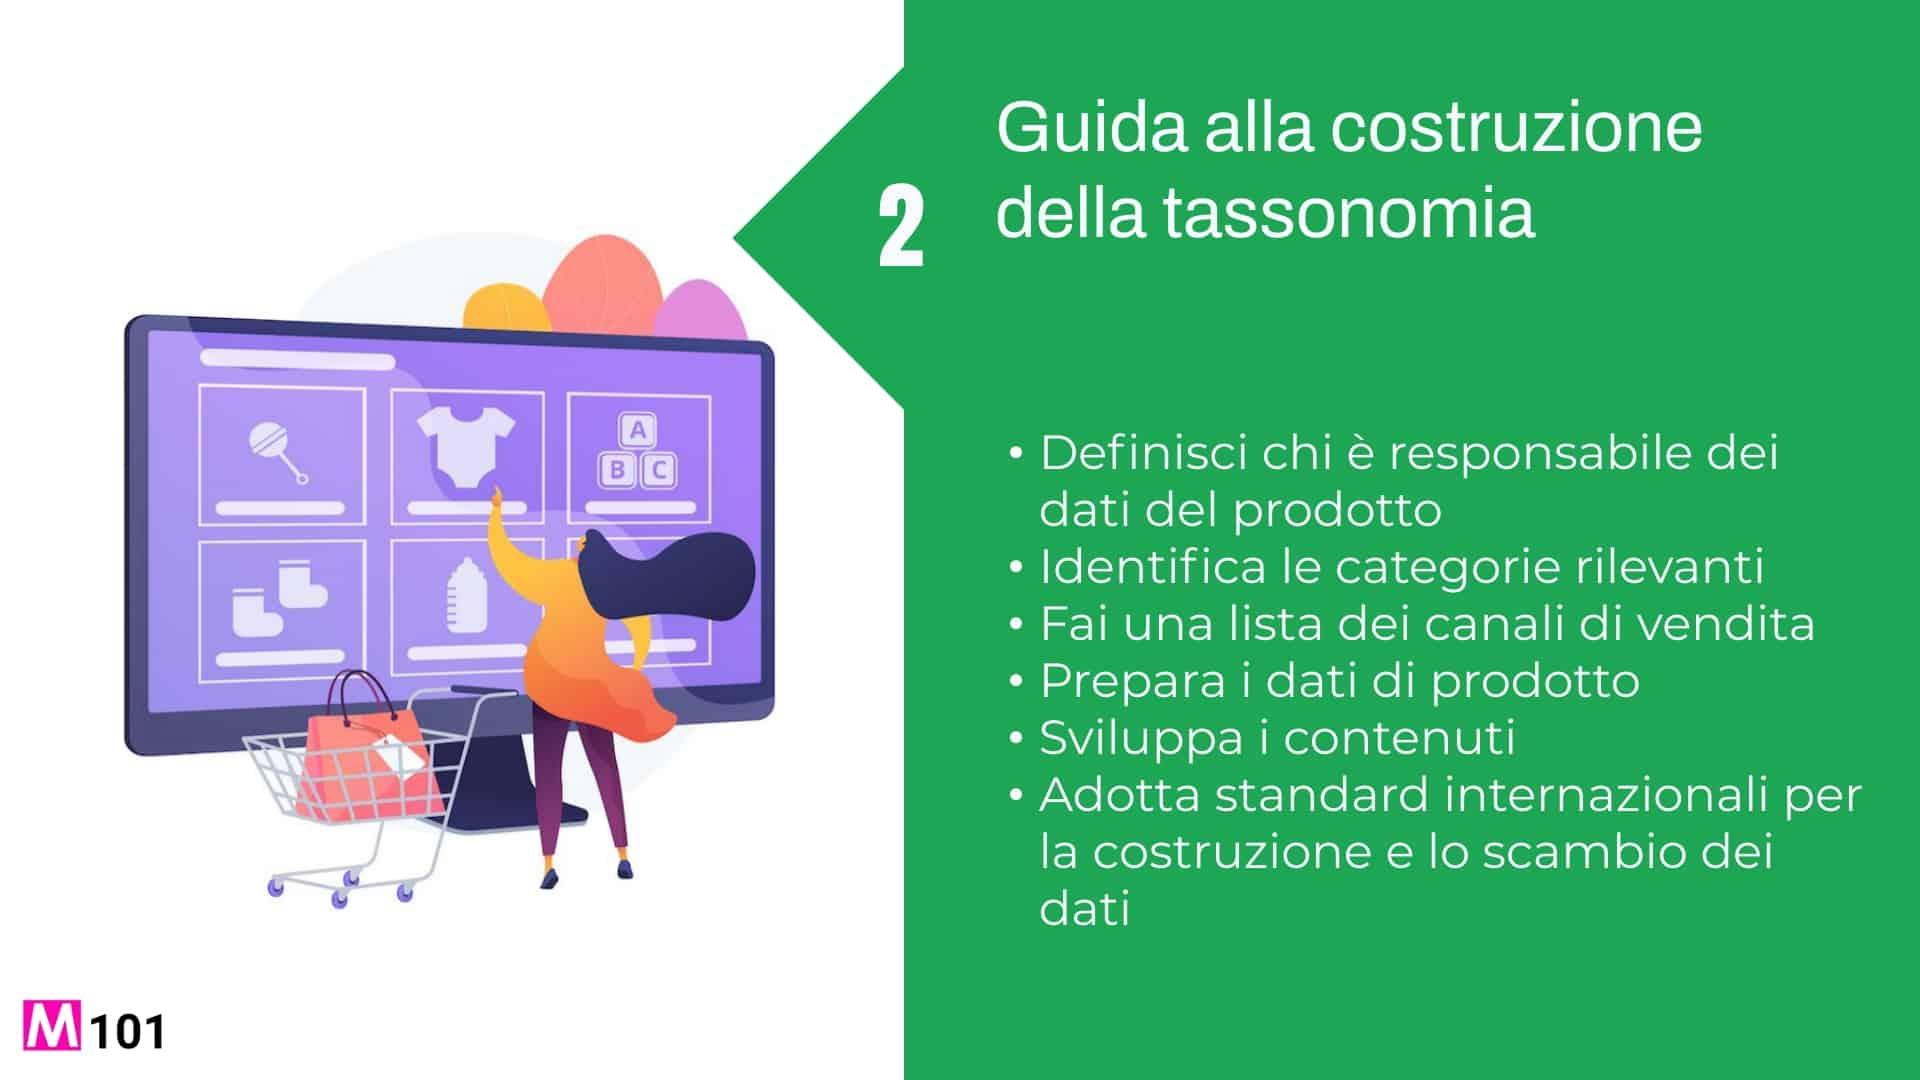 tassonomia-2